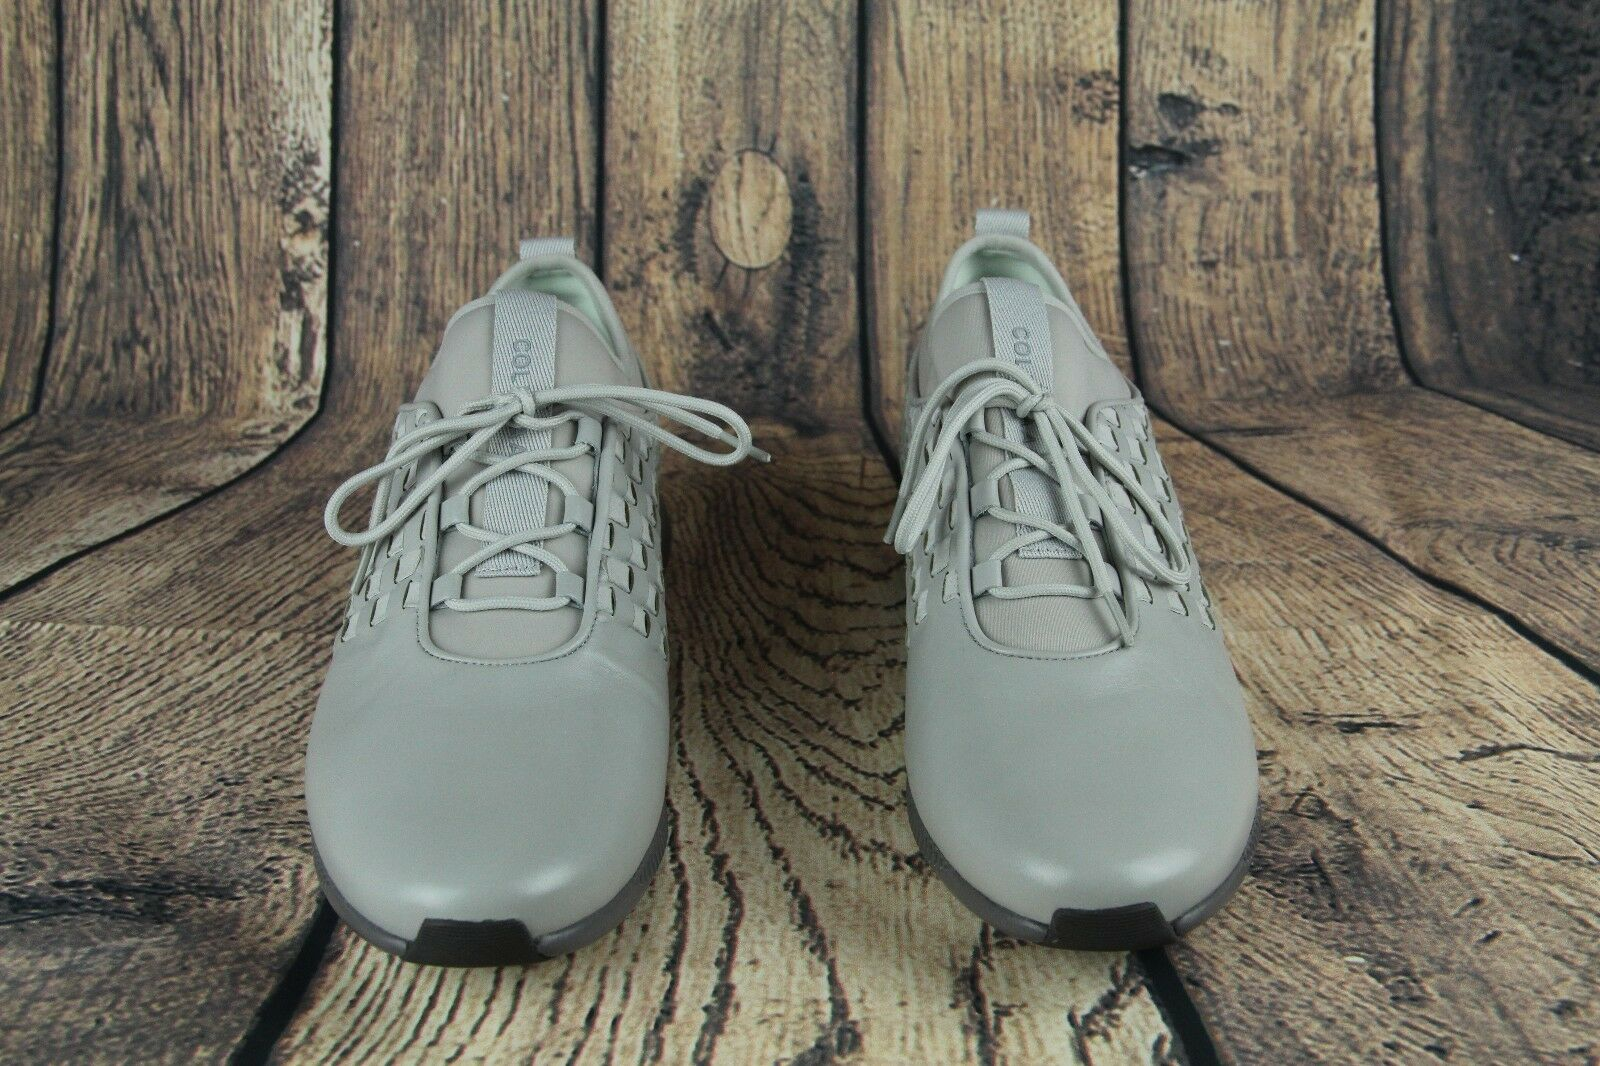 Cole Haan 2.0 studiogrand gris Cuero Cuero Cuero Moda W06040 para mujer Talla 9B Nuevo  250  se descuenta